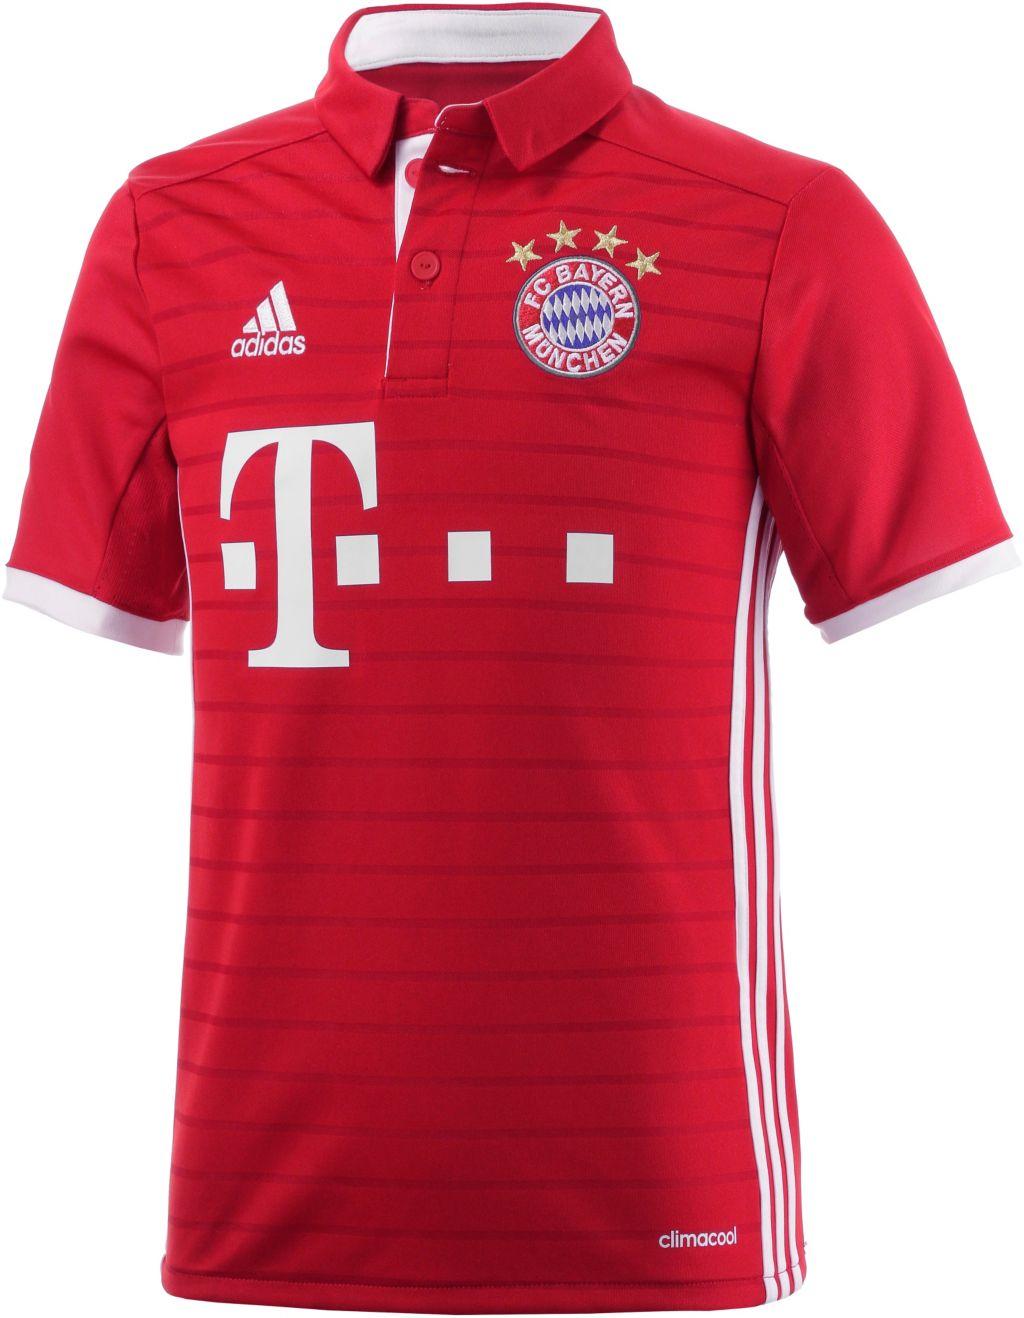 adidas FC Bayern München 16/17 Heim Fußballtrikot Kinder in rot, Größe: 152